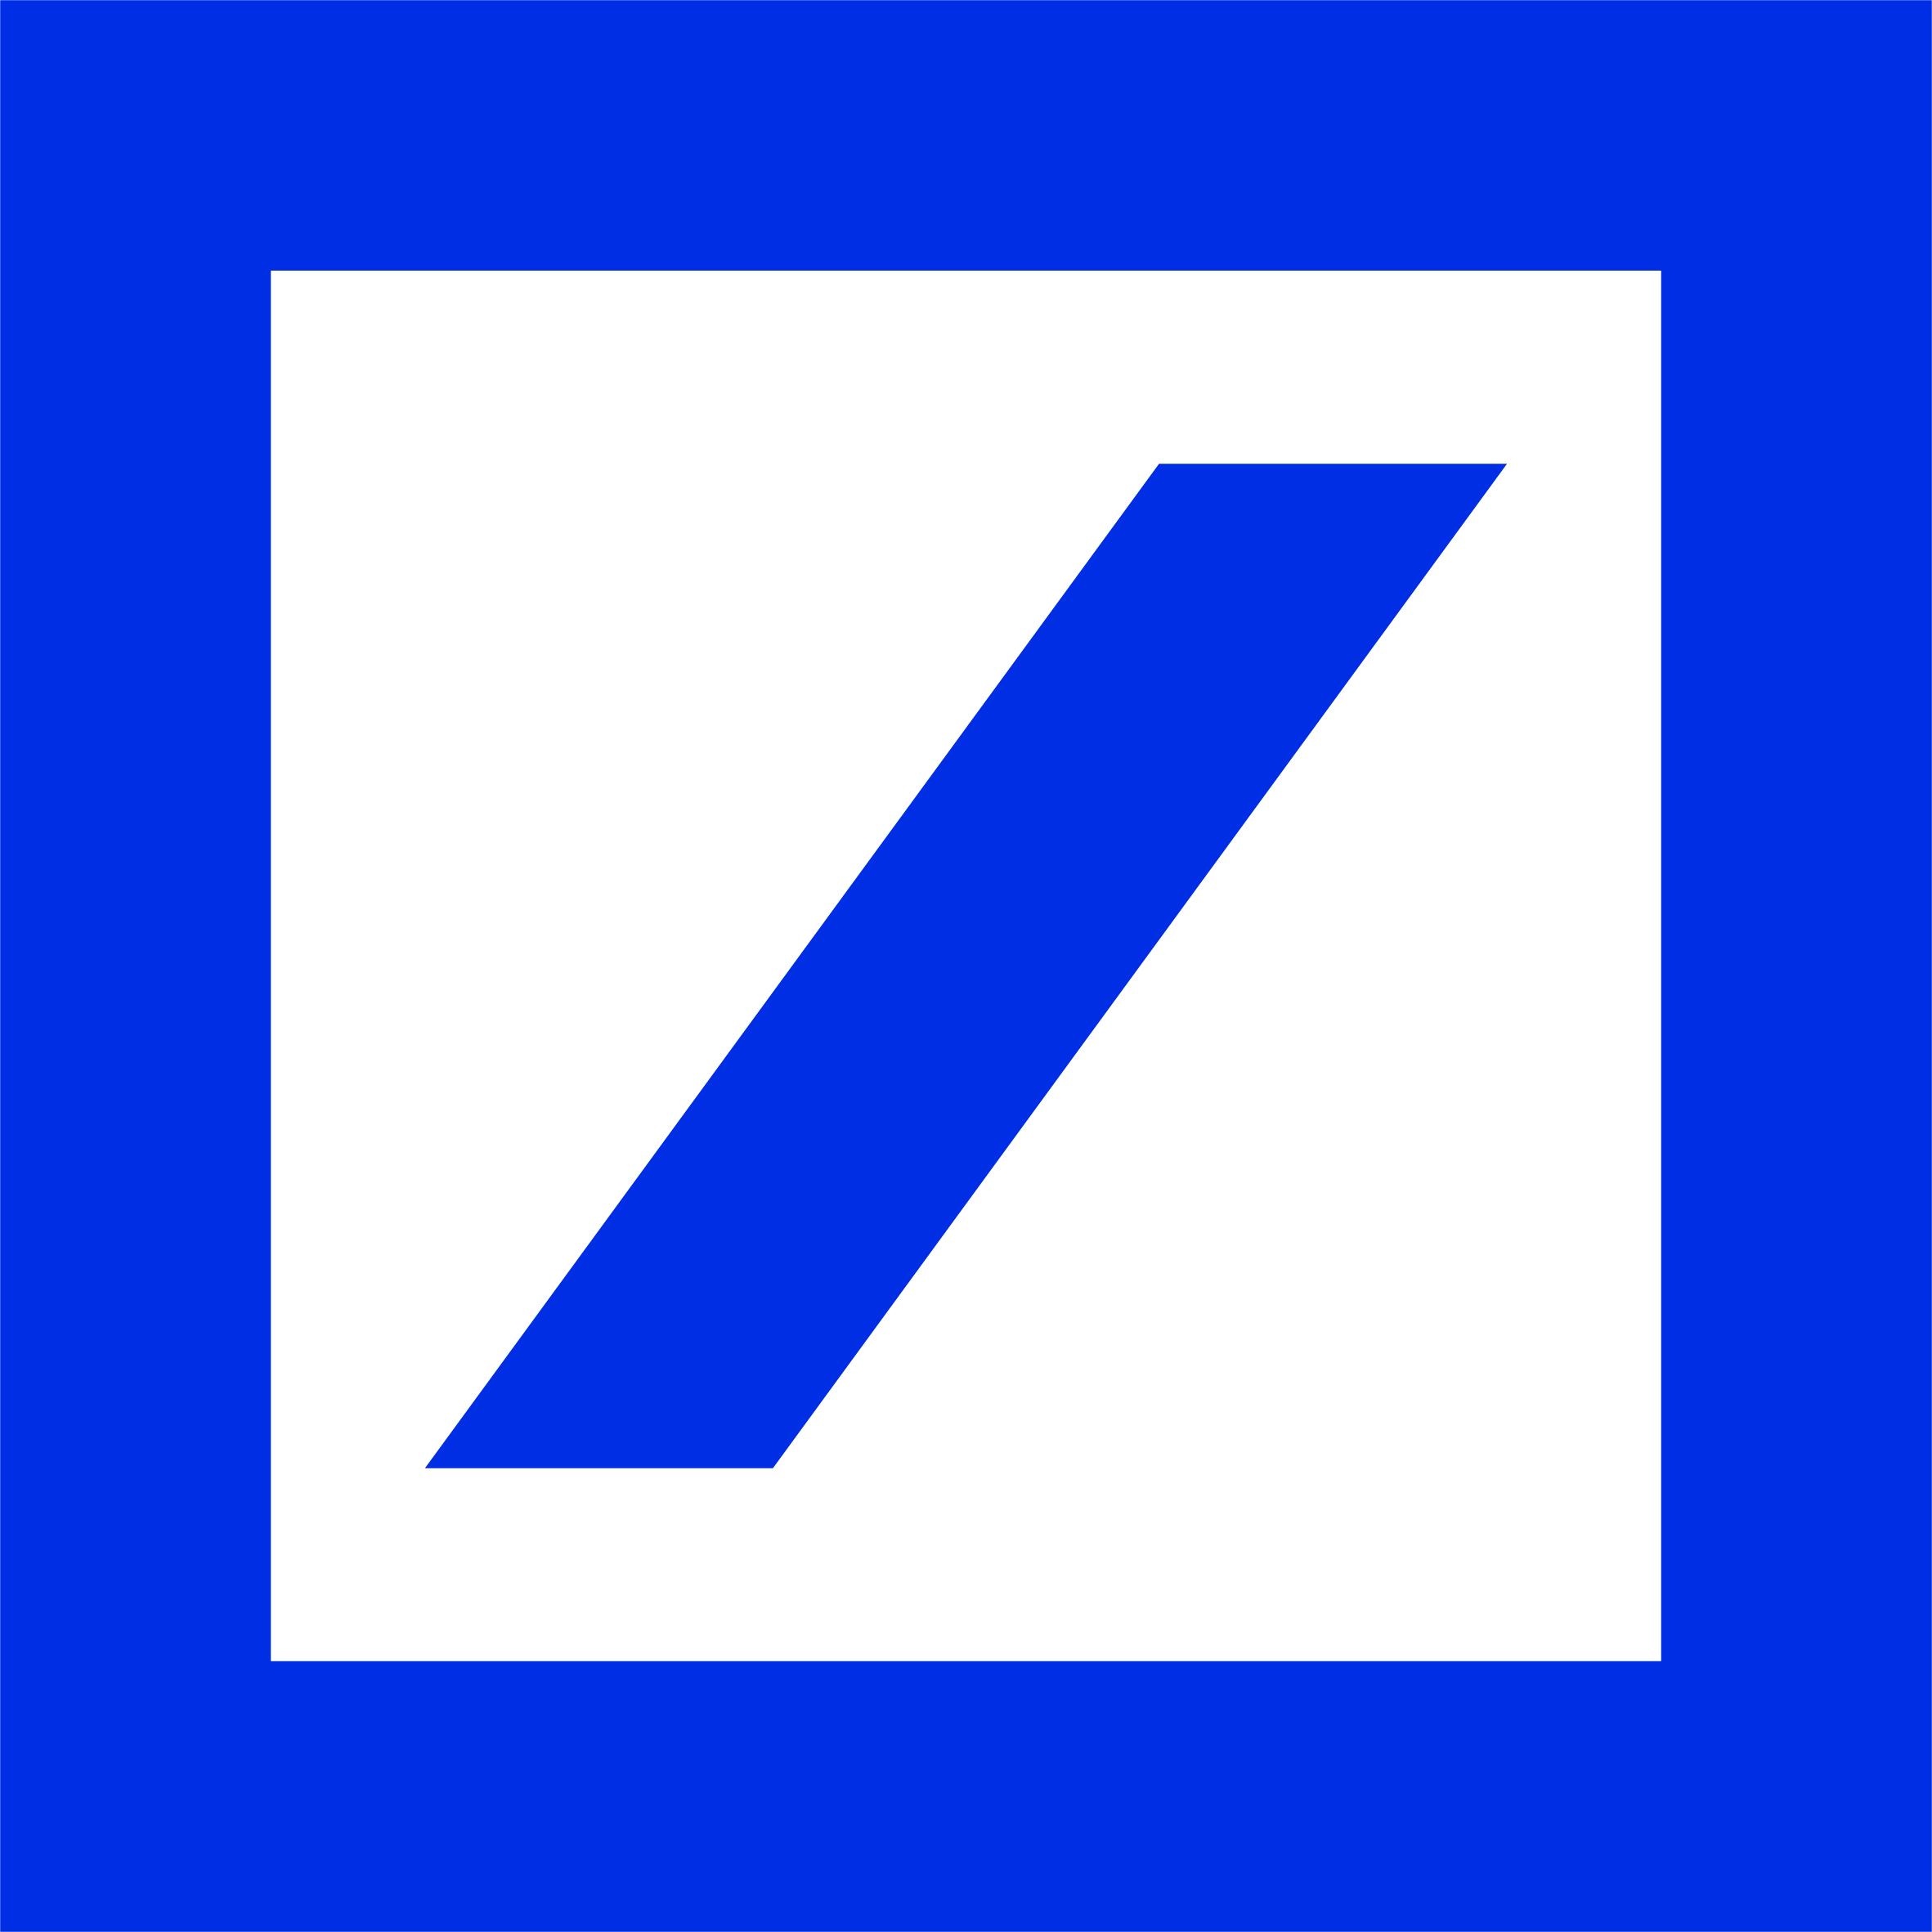 Deutsche Bank AG, Filiale Prag